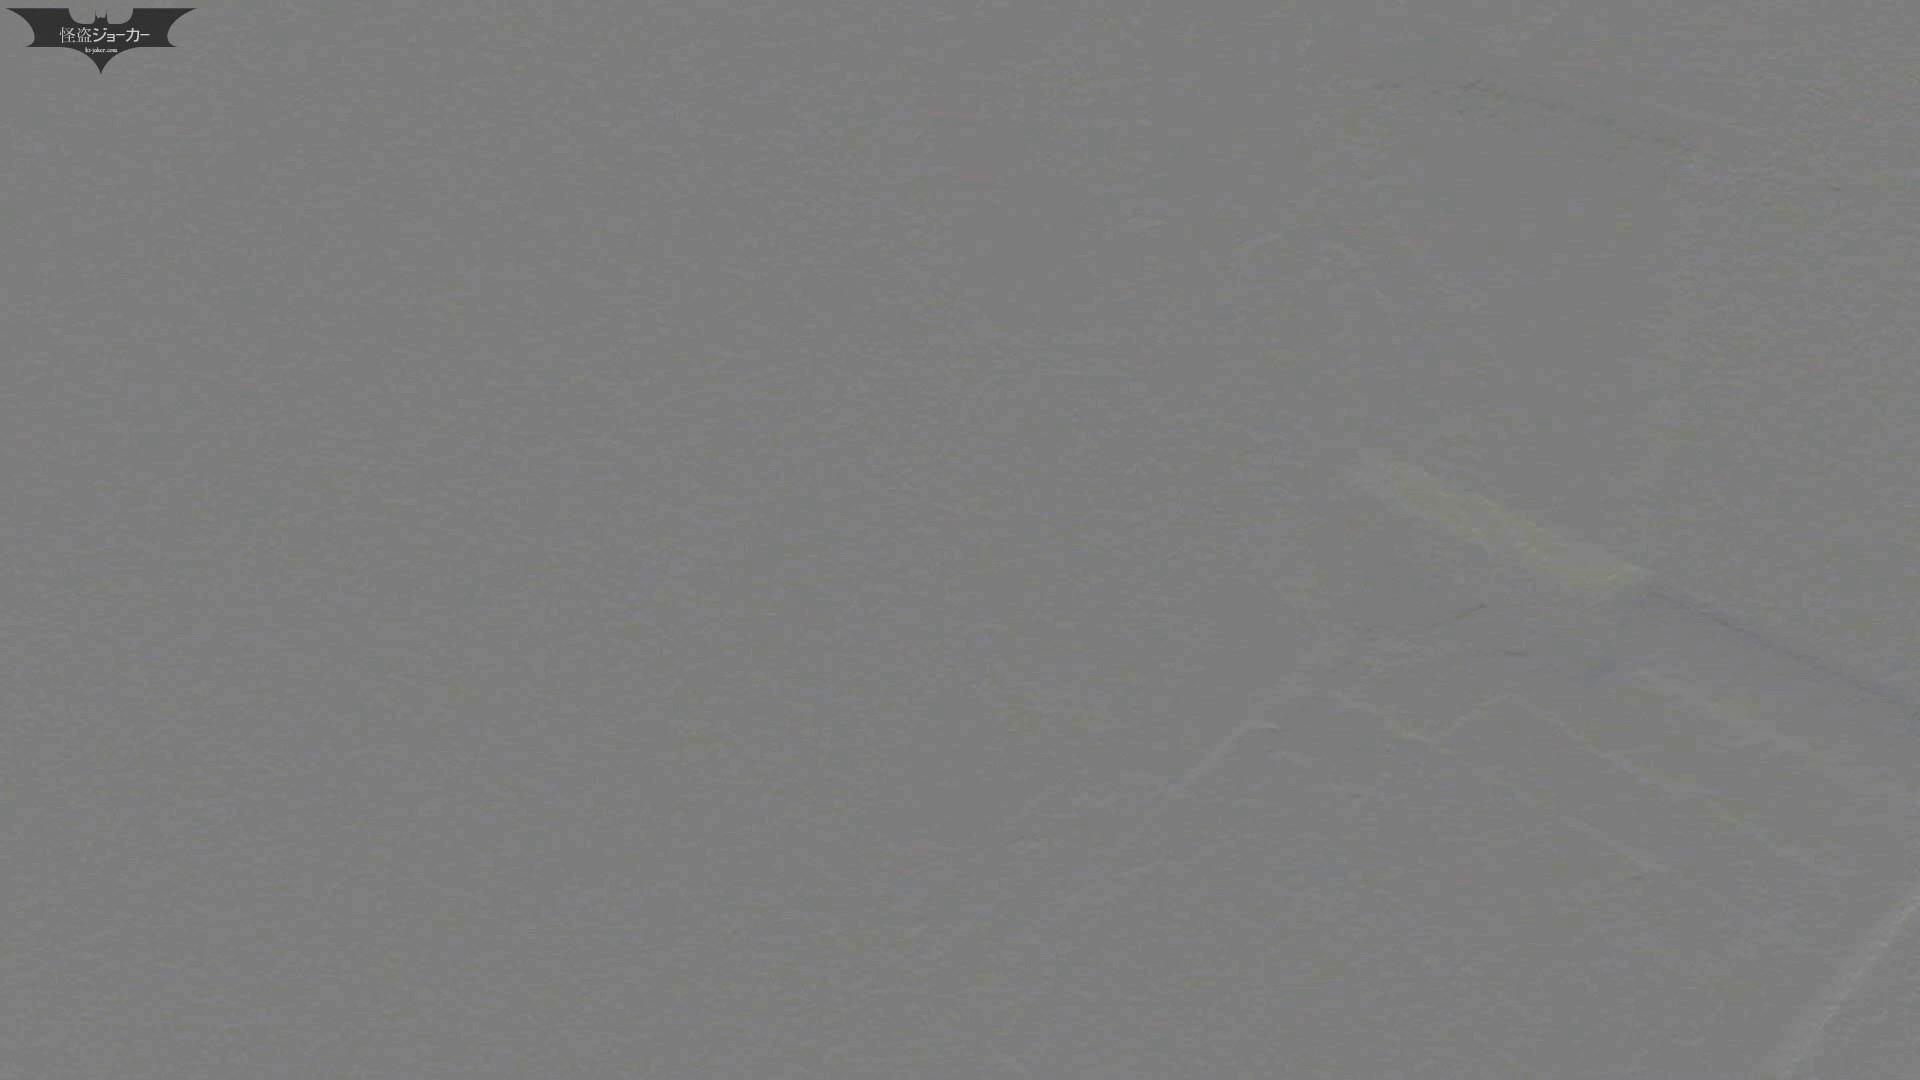 Vol.06 ピチピチが入室きめ細かくマッシュルームのような肌に癒される ギャル攻め おめこ無修正画像 104画像 93